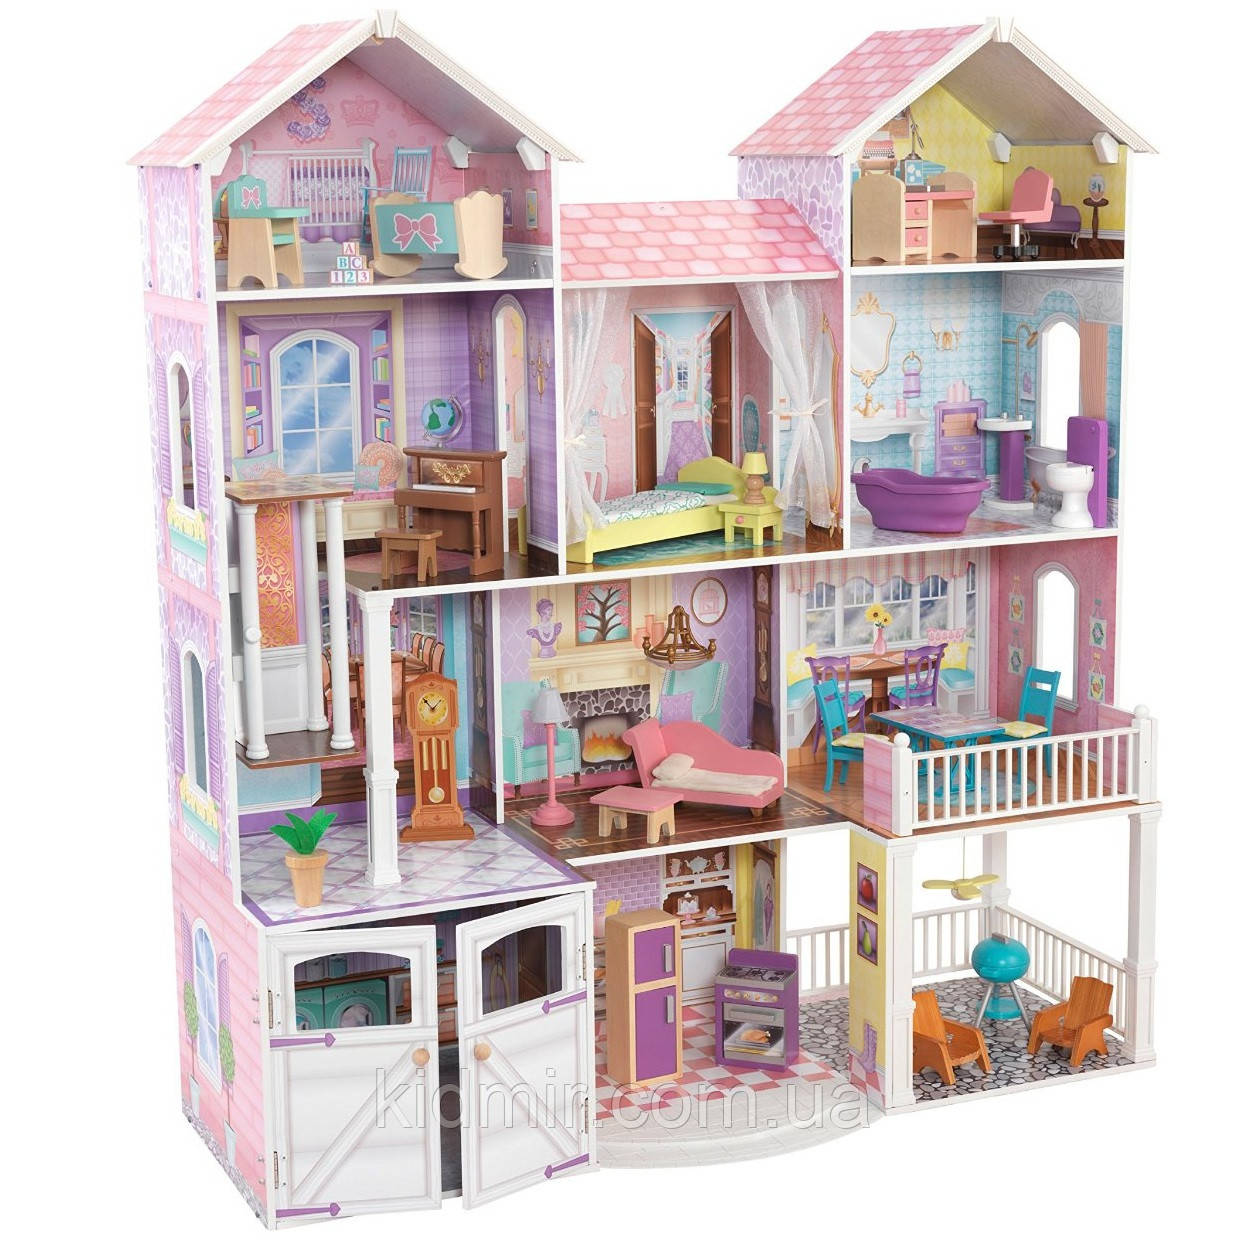 Ляльковий будинок з меблями Заміська садиба KidKraft Kensington 65242